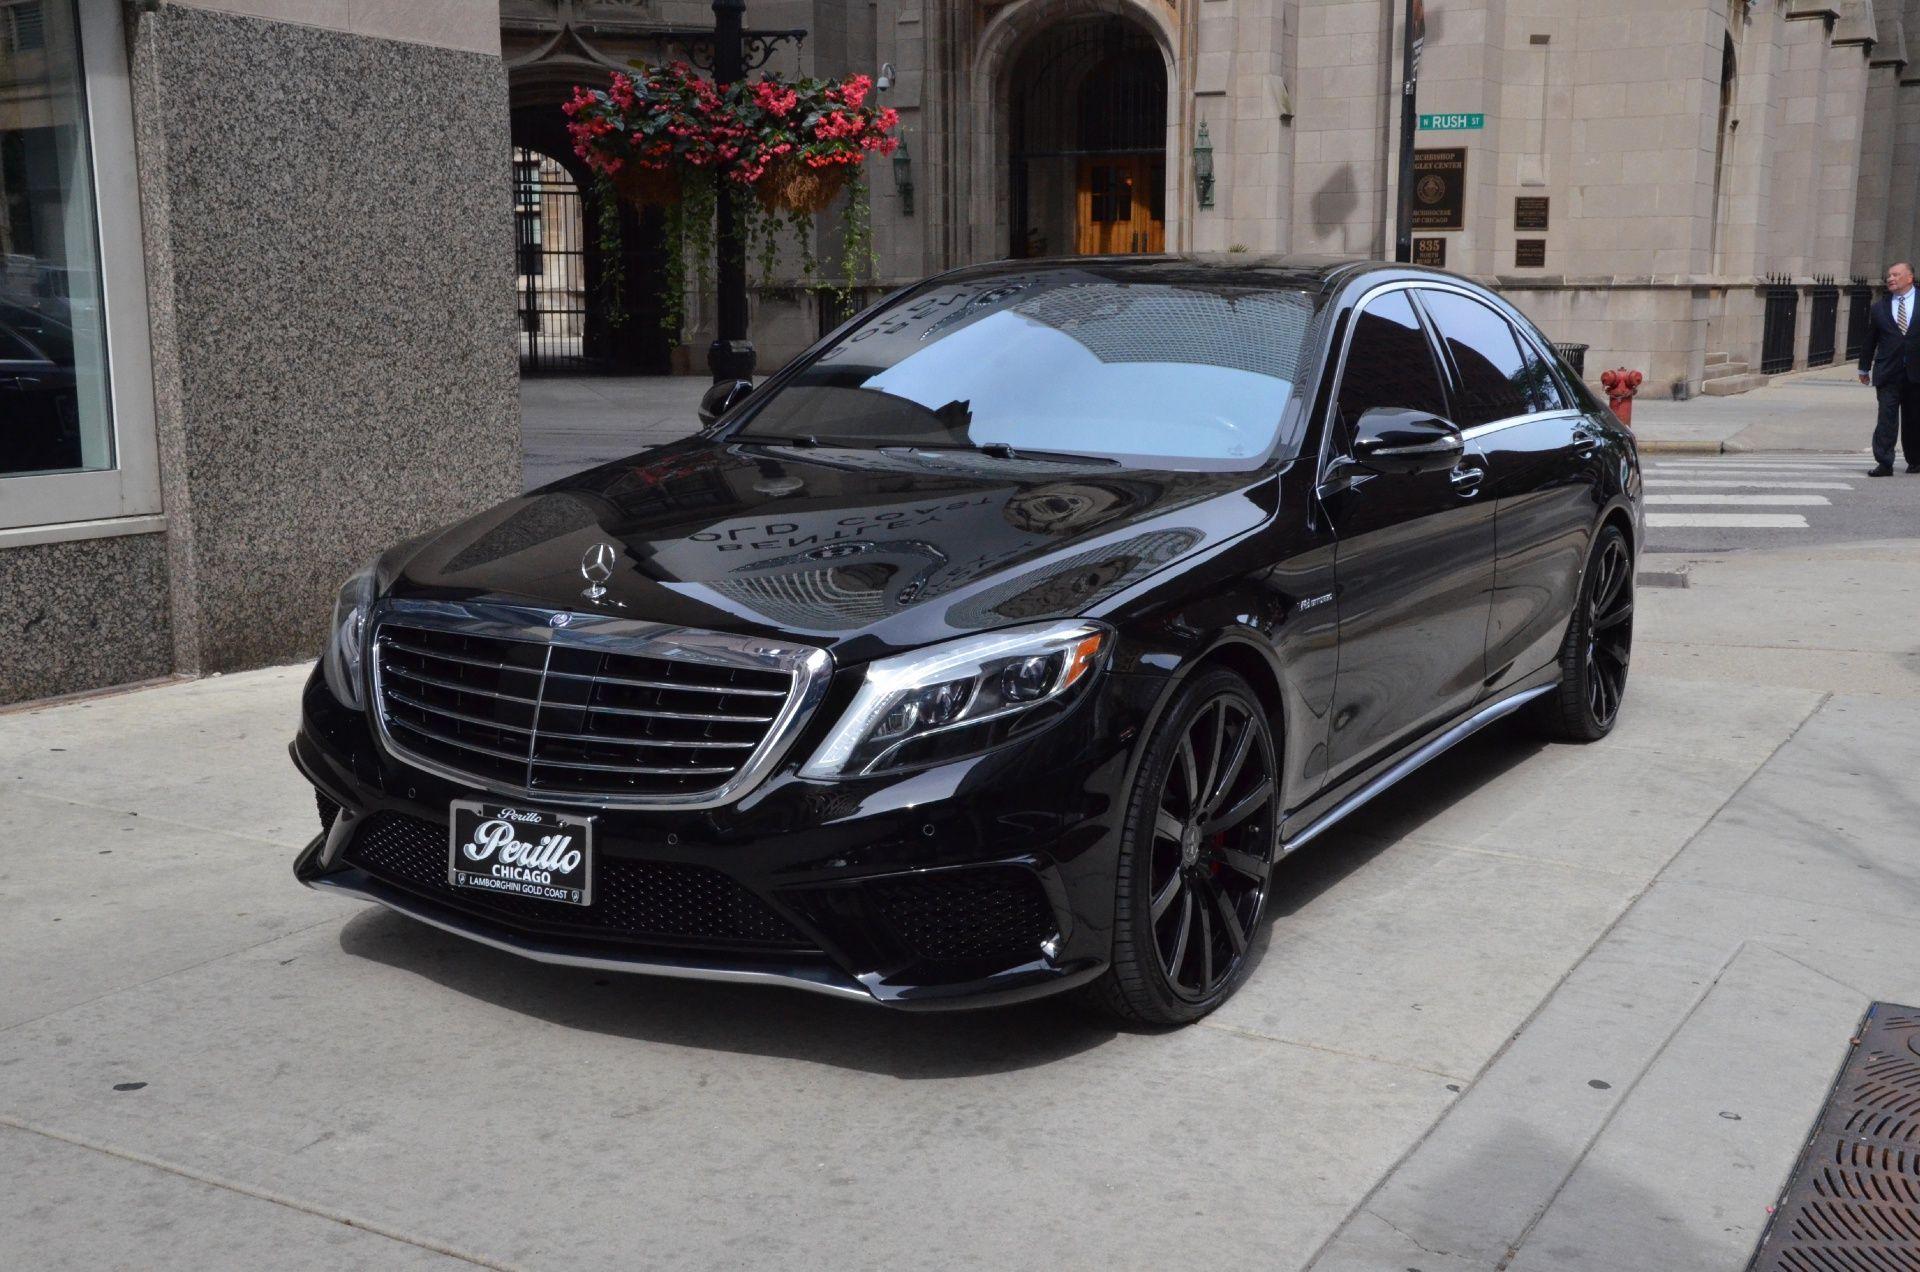 2014 MercedesBenz SClass Mercedes benz, Benz s class, Benz